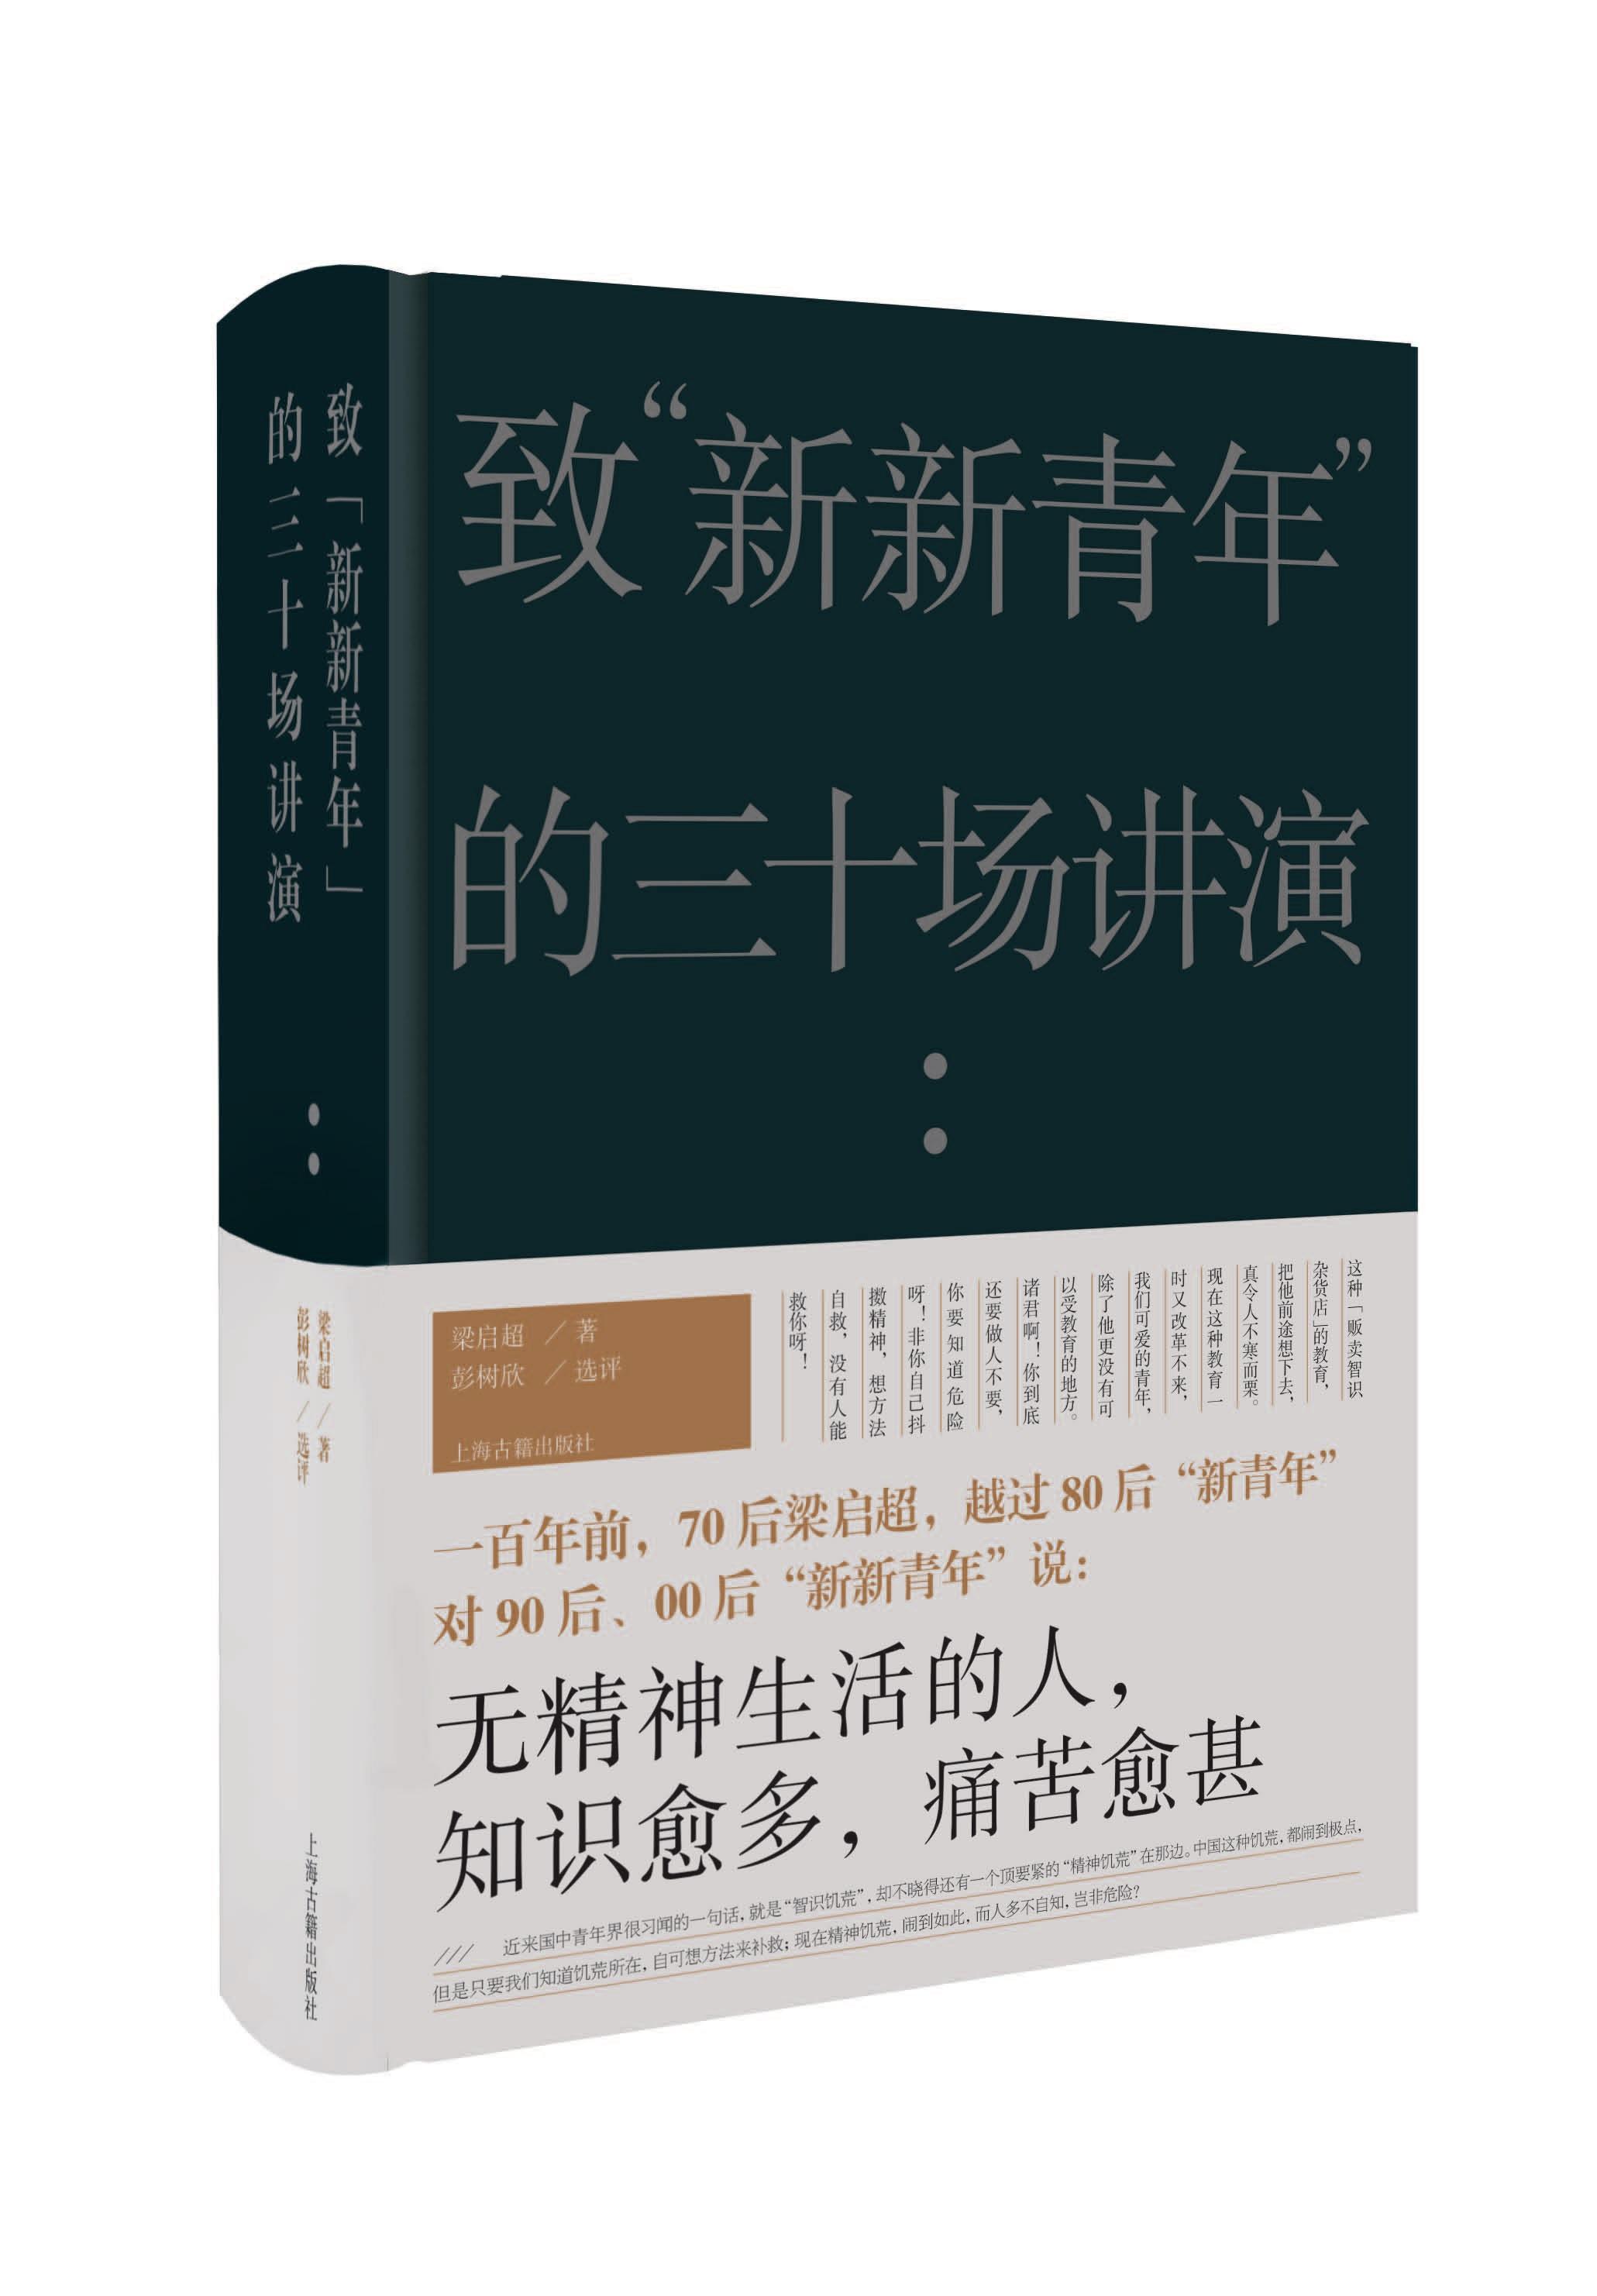 """《致""""新新青年""""的三十场讲演》,上海古籍出版社,2021年4月出版,79.00元"""